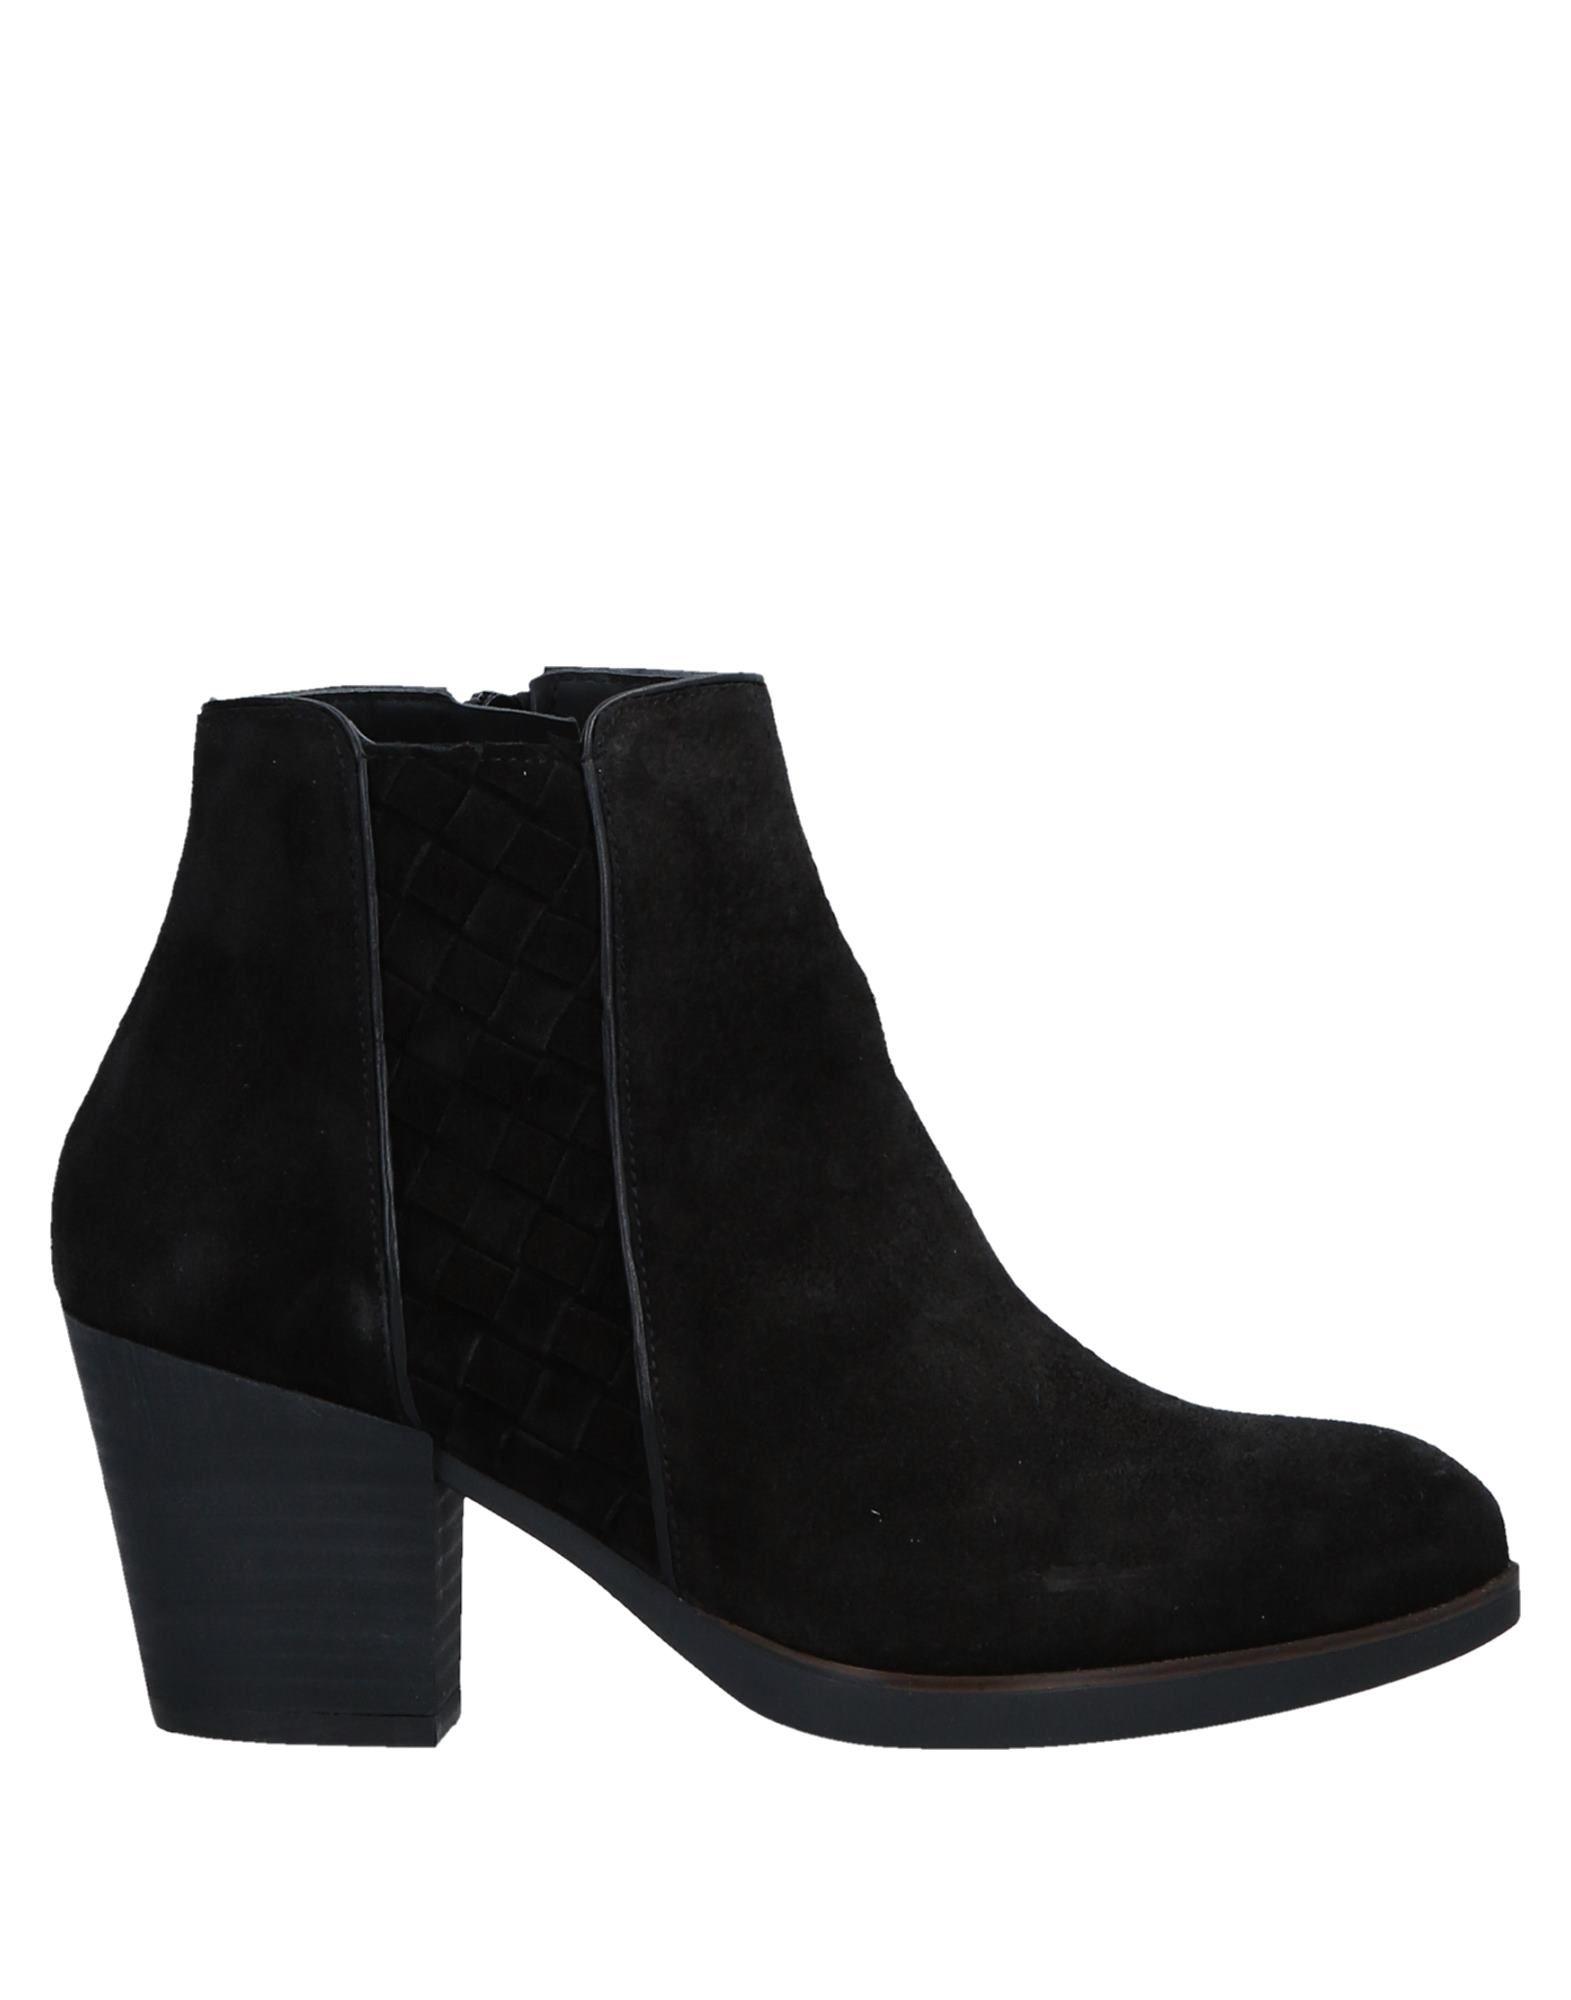 Gut um billige Damen Schuhe zu tragenGaimo Stiefelette Damen billige  11517451KW b35650